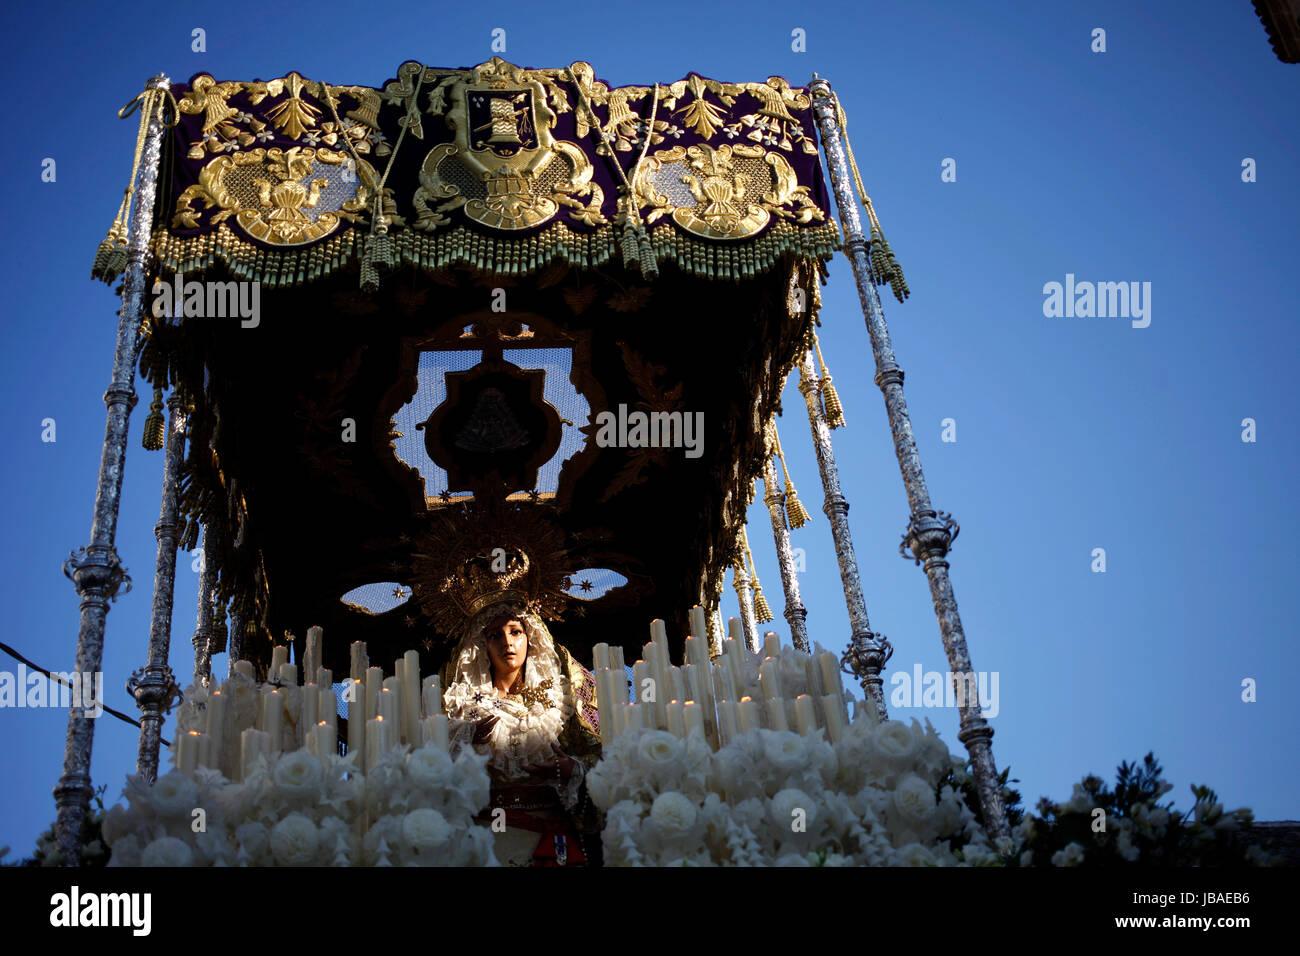 Ein Bild von Nuestra Señora de Las Lágrimas (Our Lady of Tears) wird unter einem Pallium während der Karwoche in Stockfoto